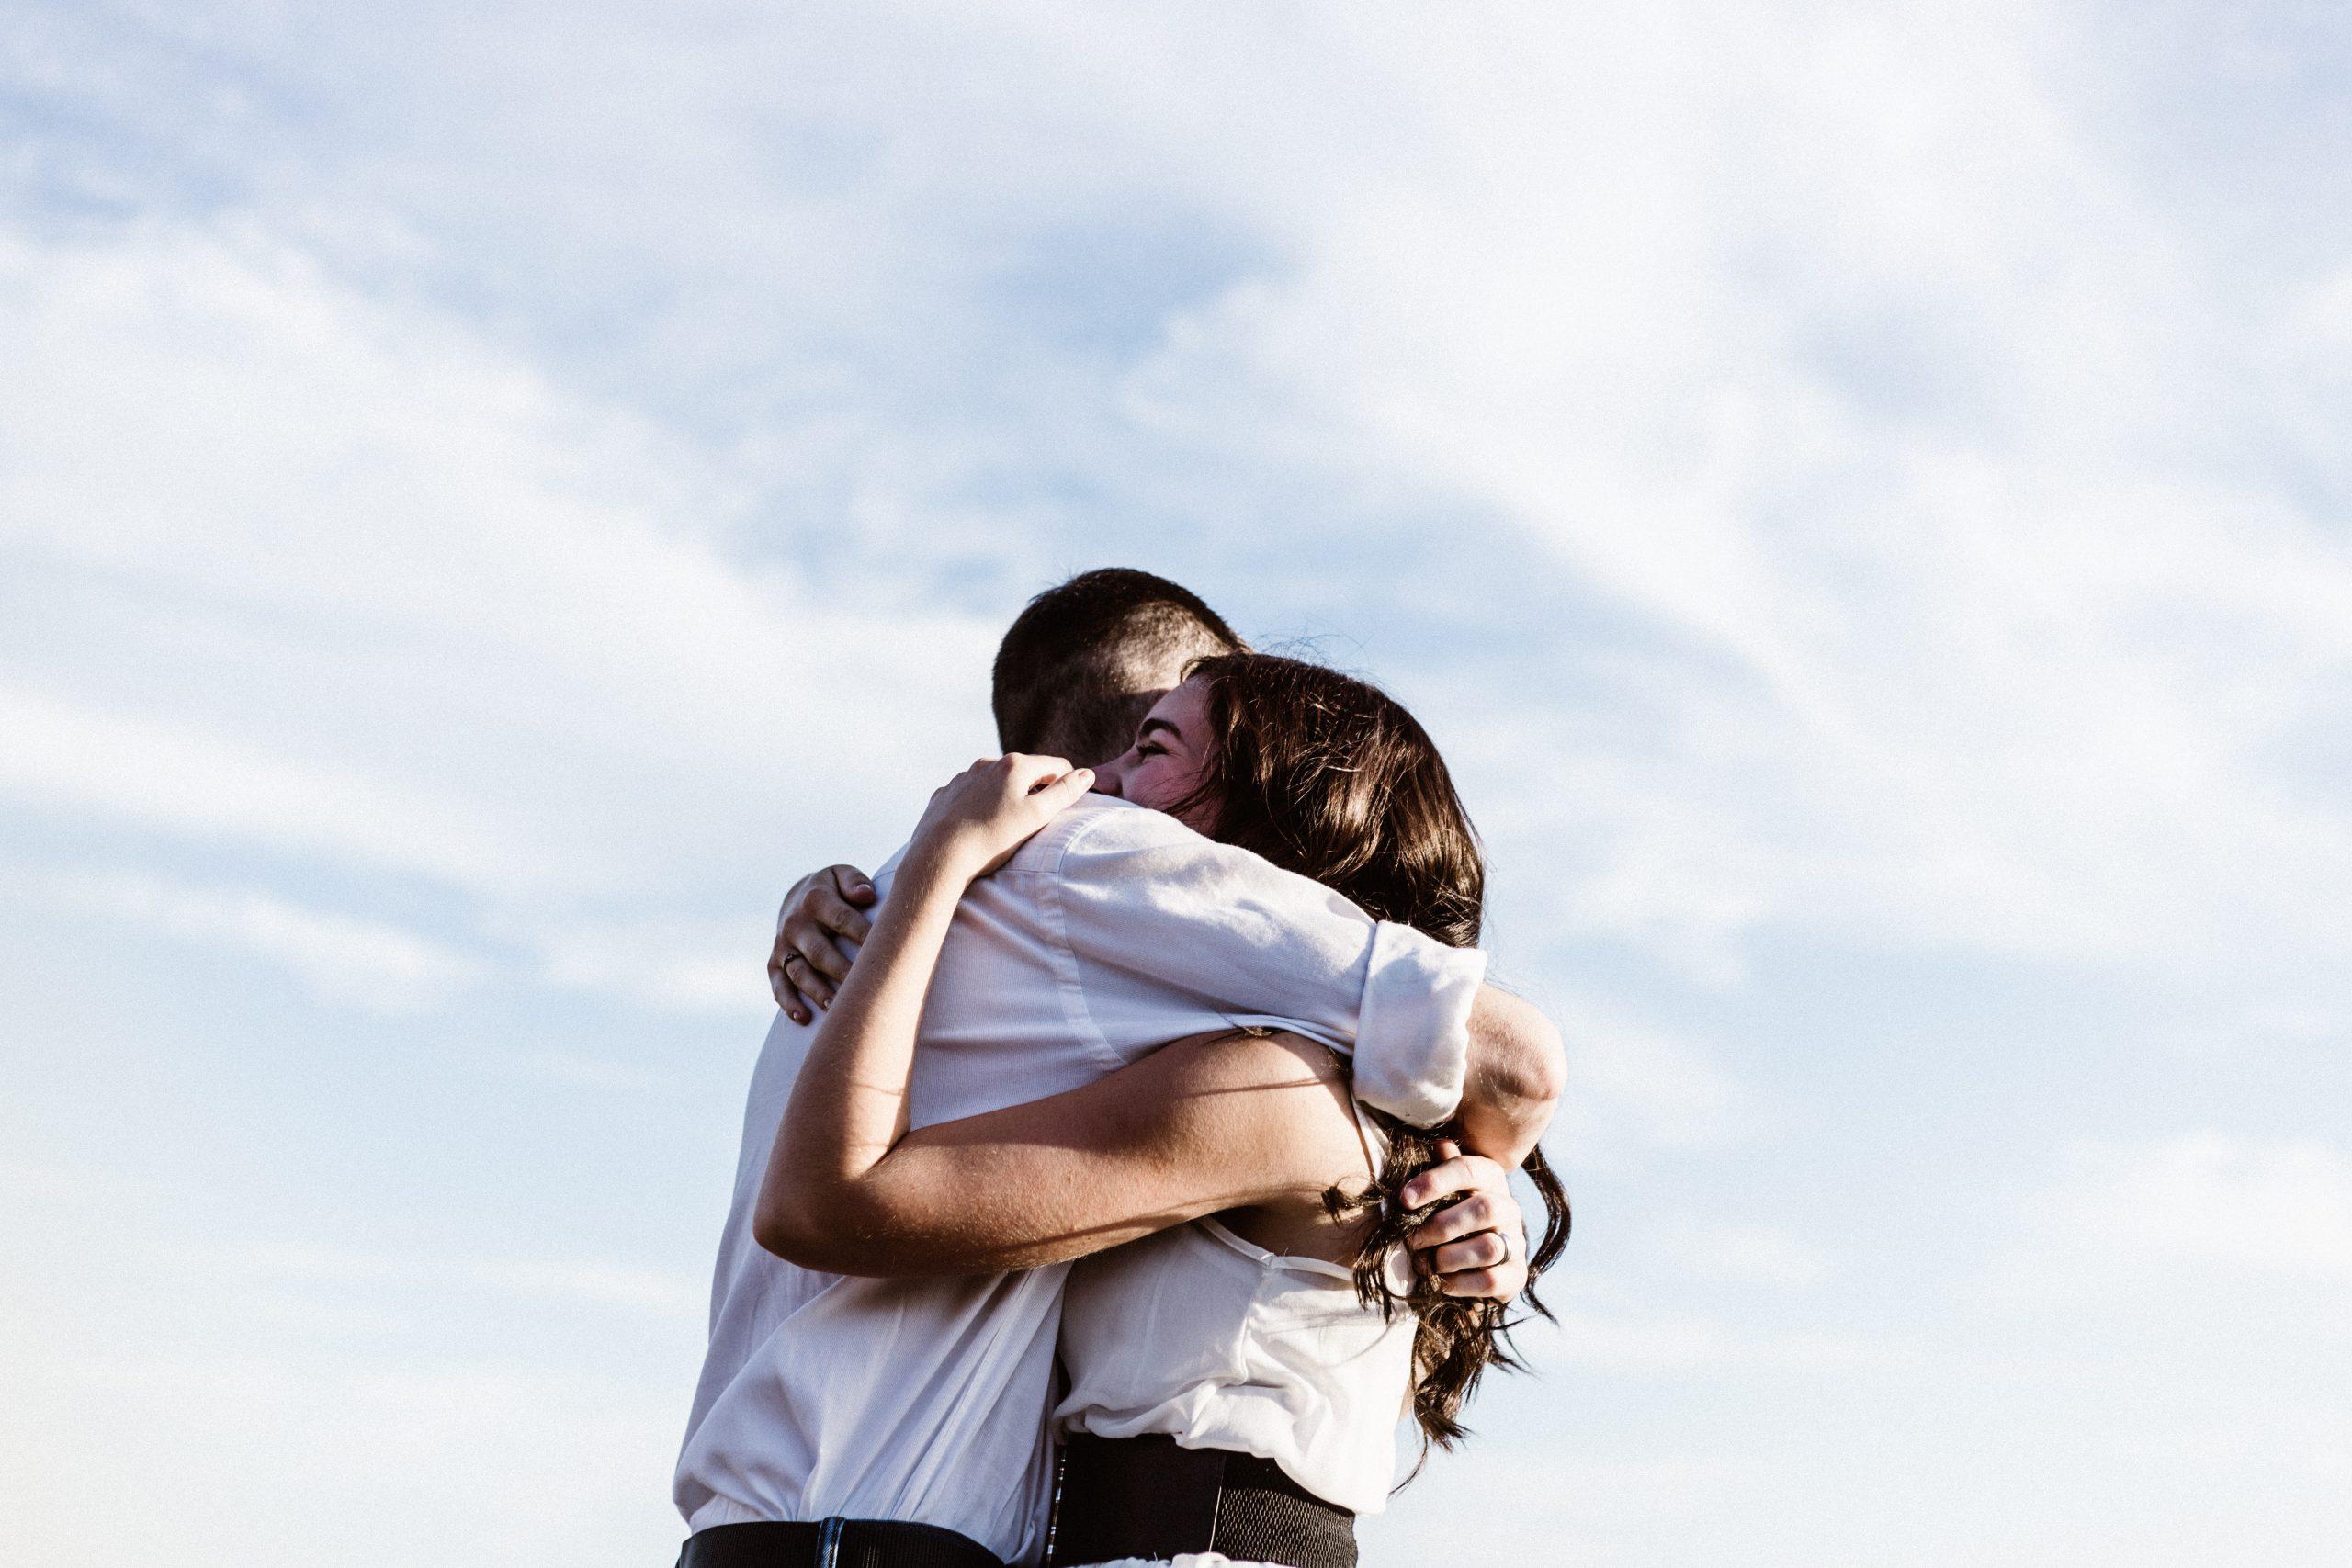 Przytulanie całym ciałem